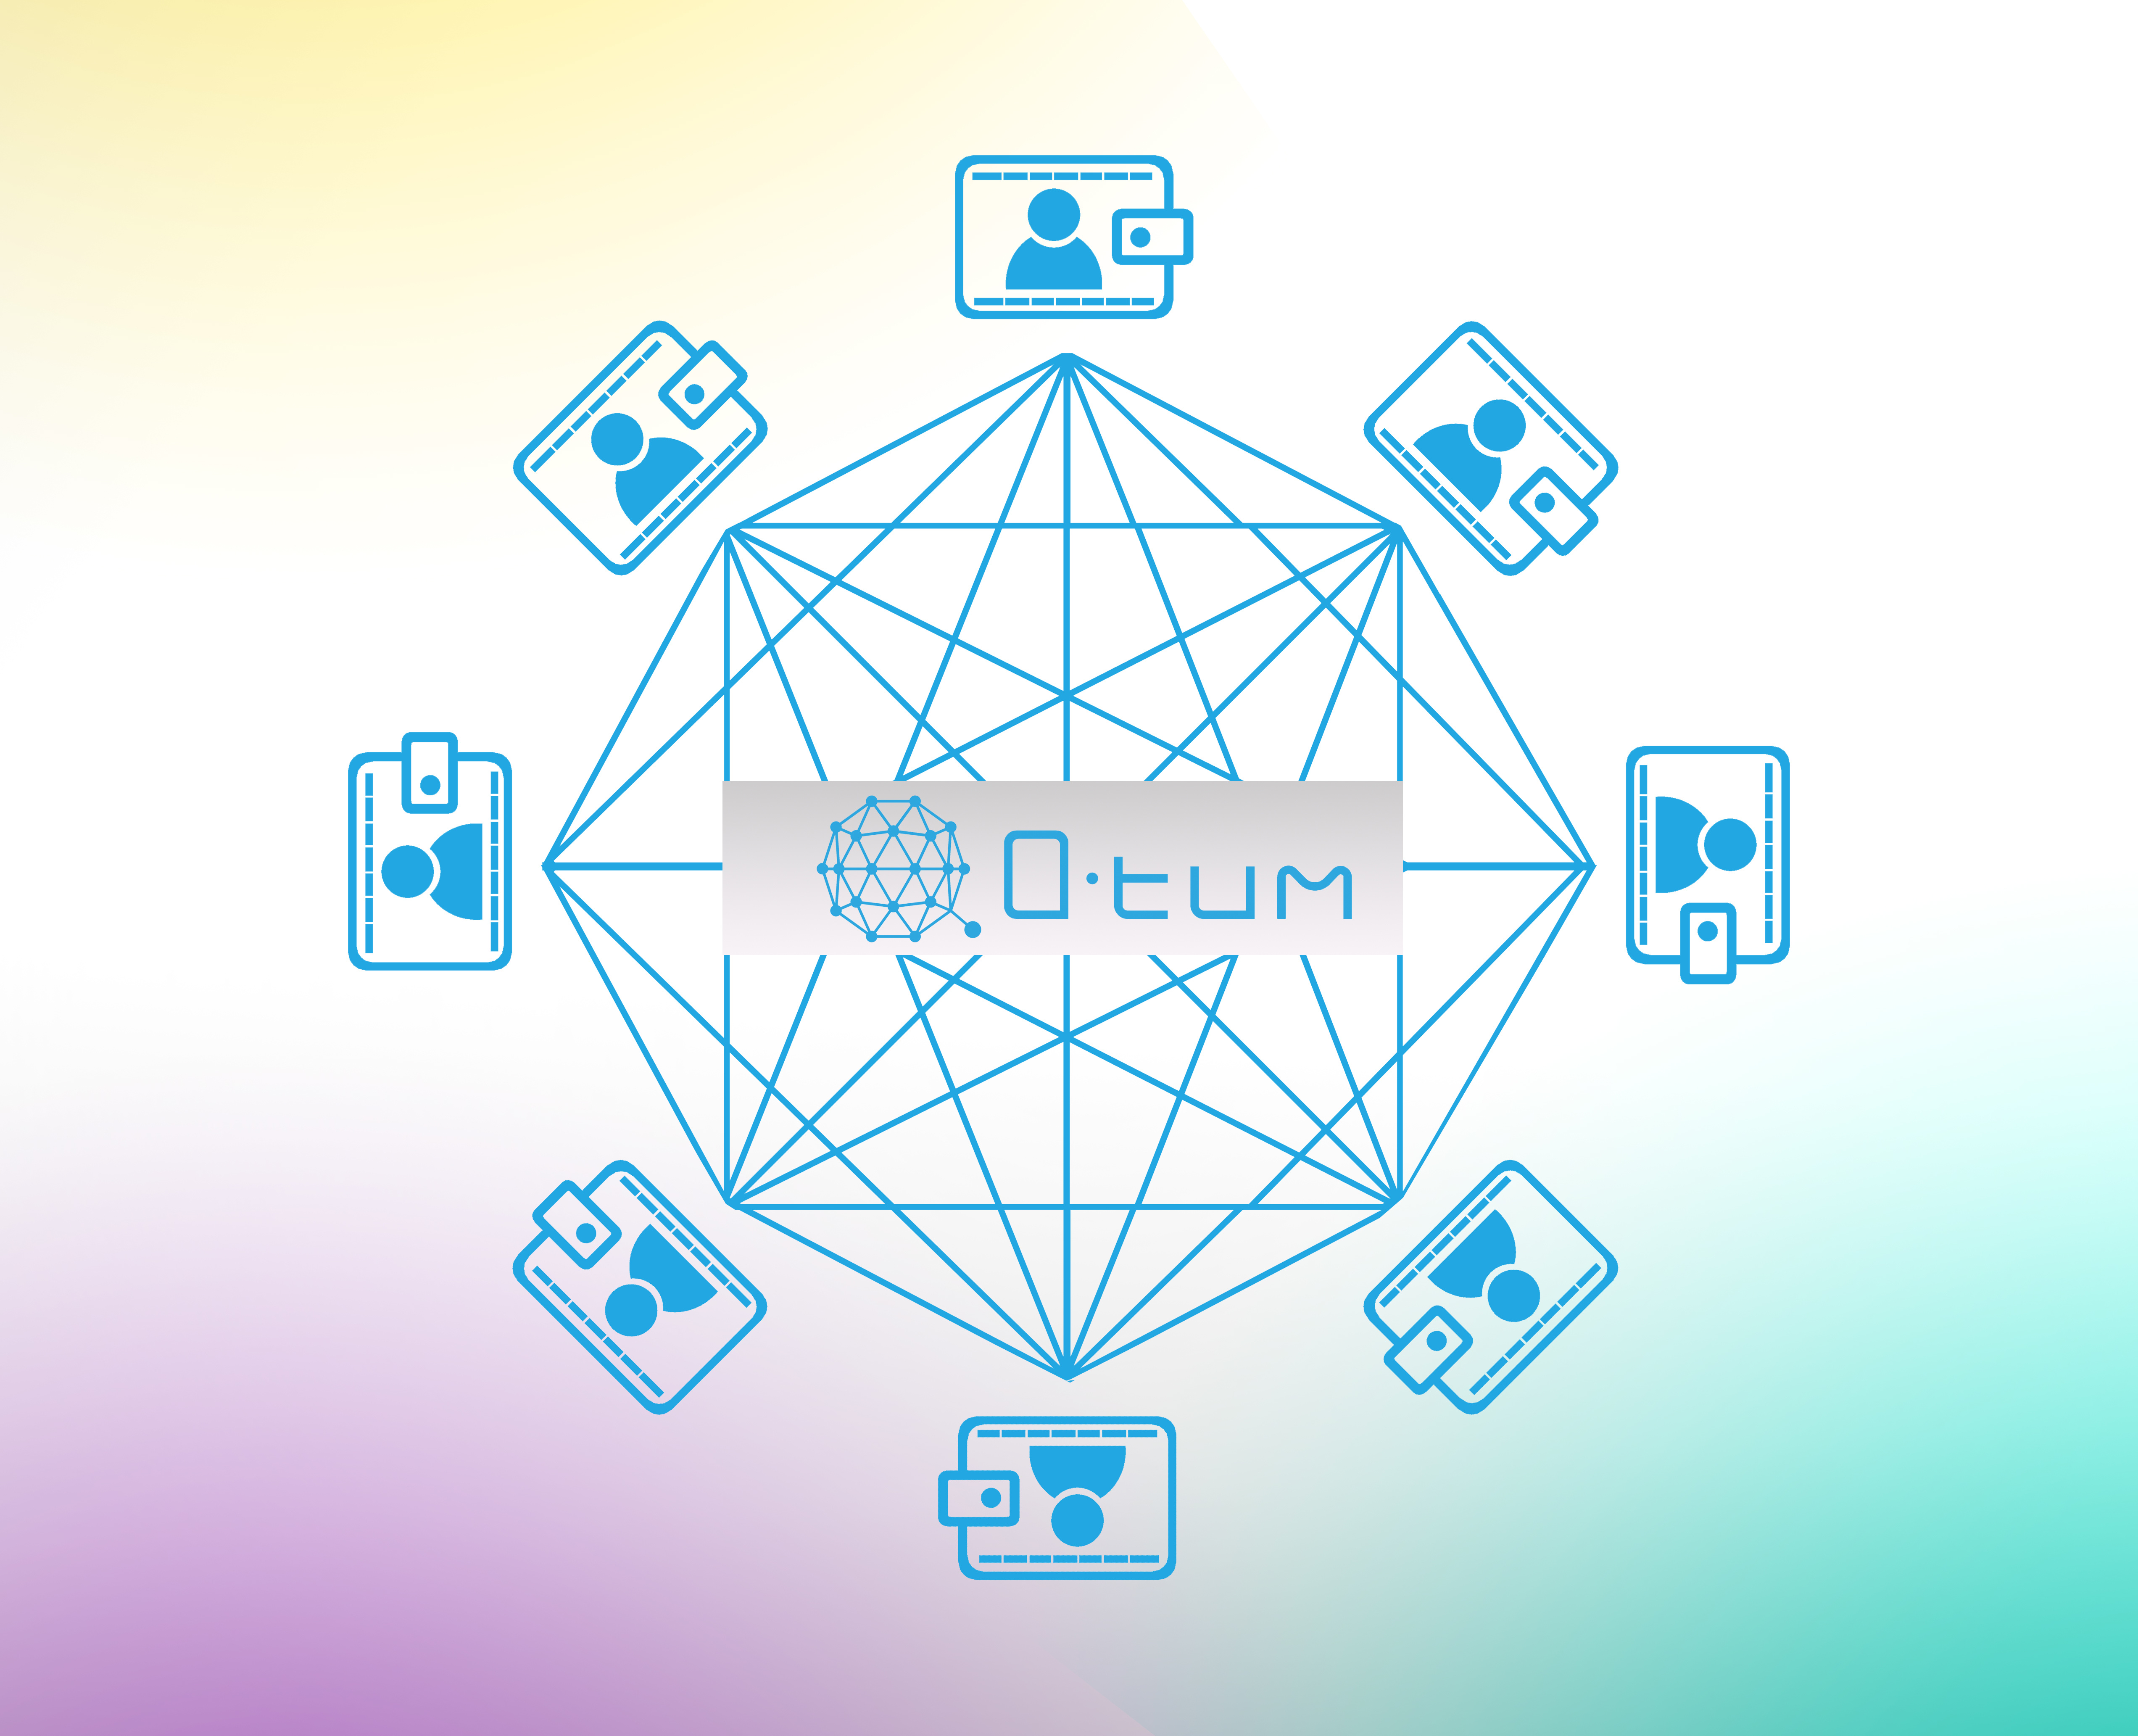 簡単にできる仮想通貨クアンタム(QTUM)の購入・買い方